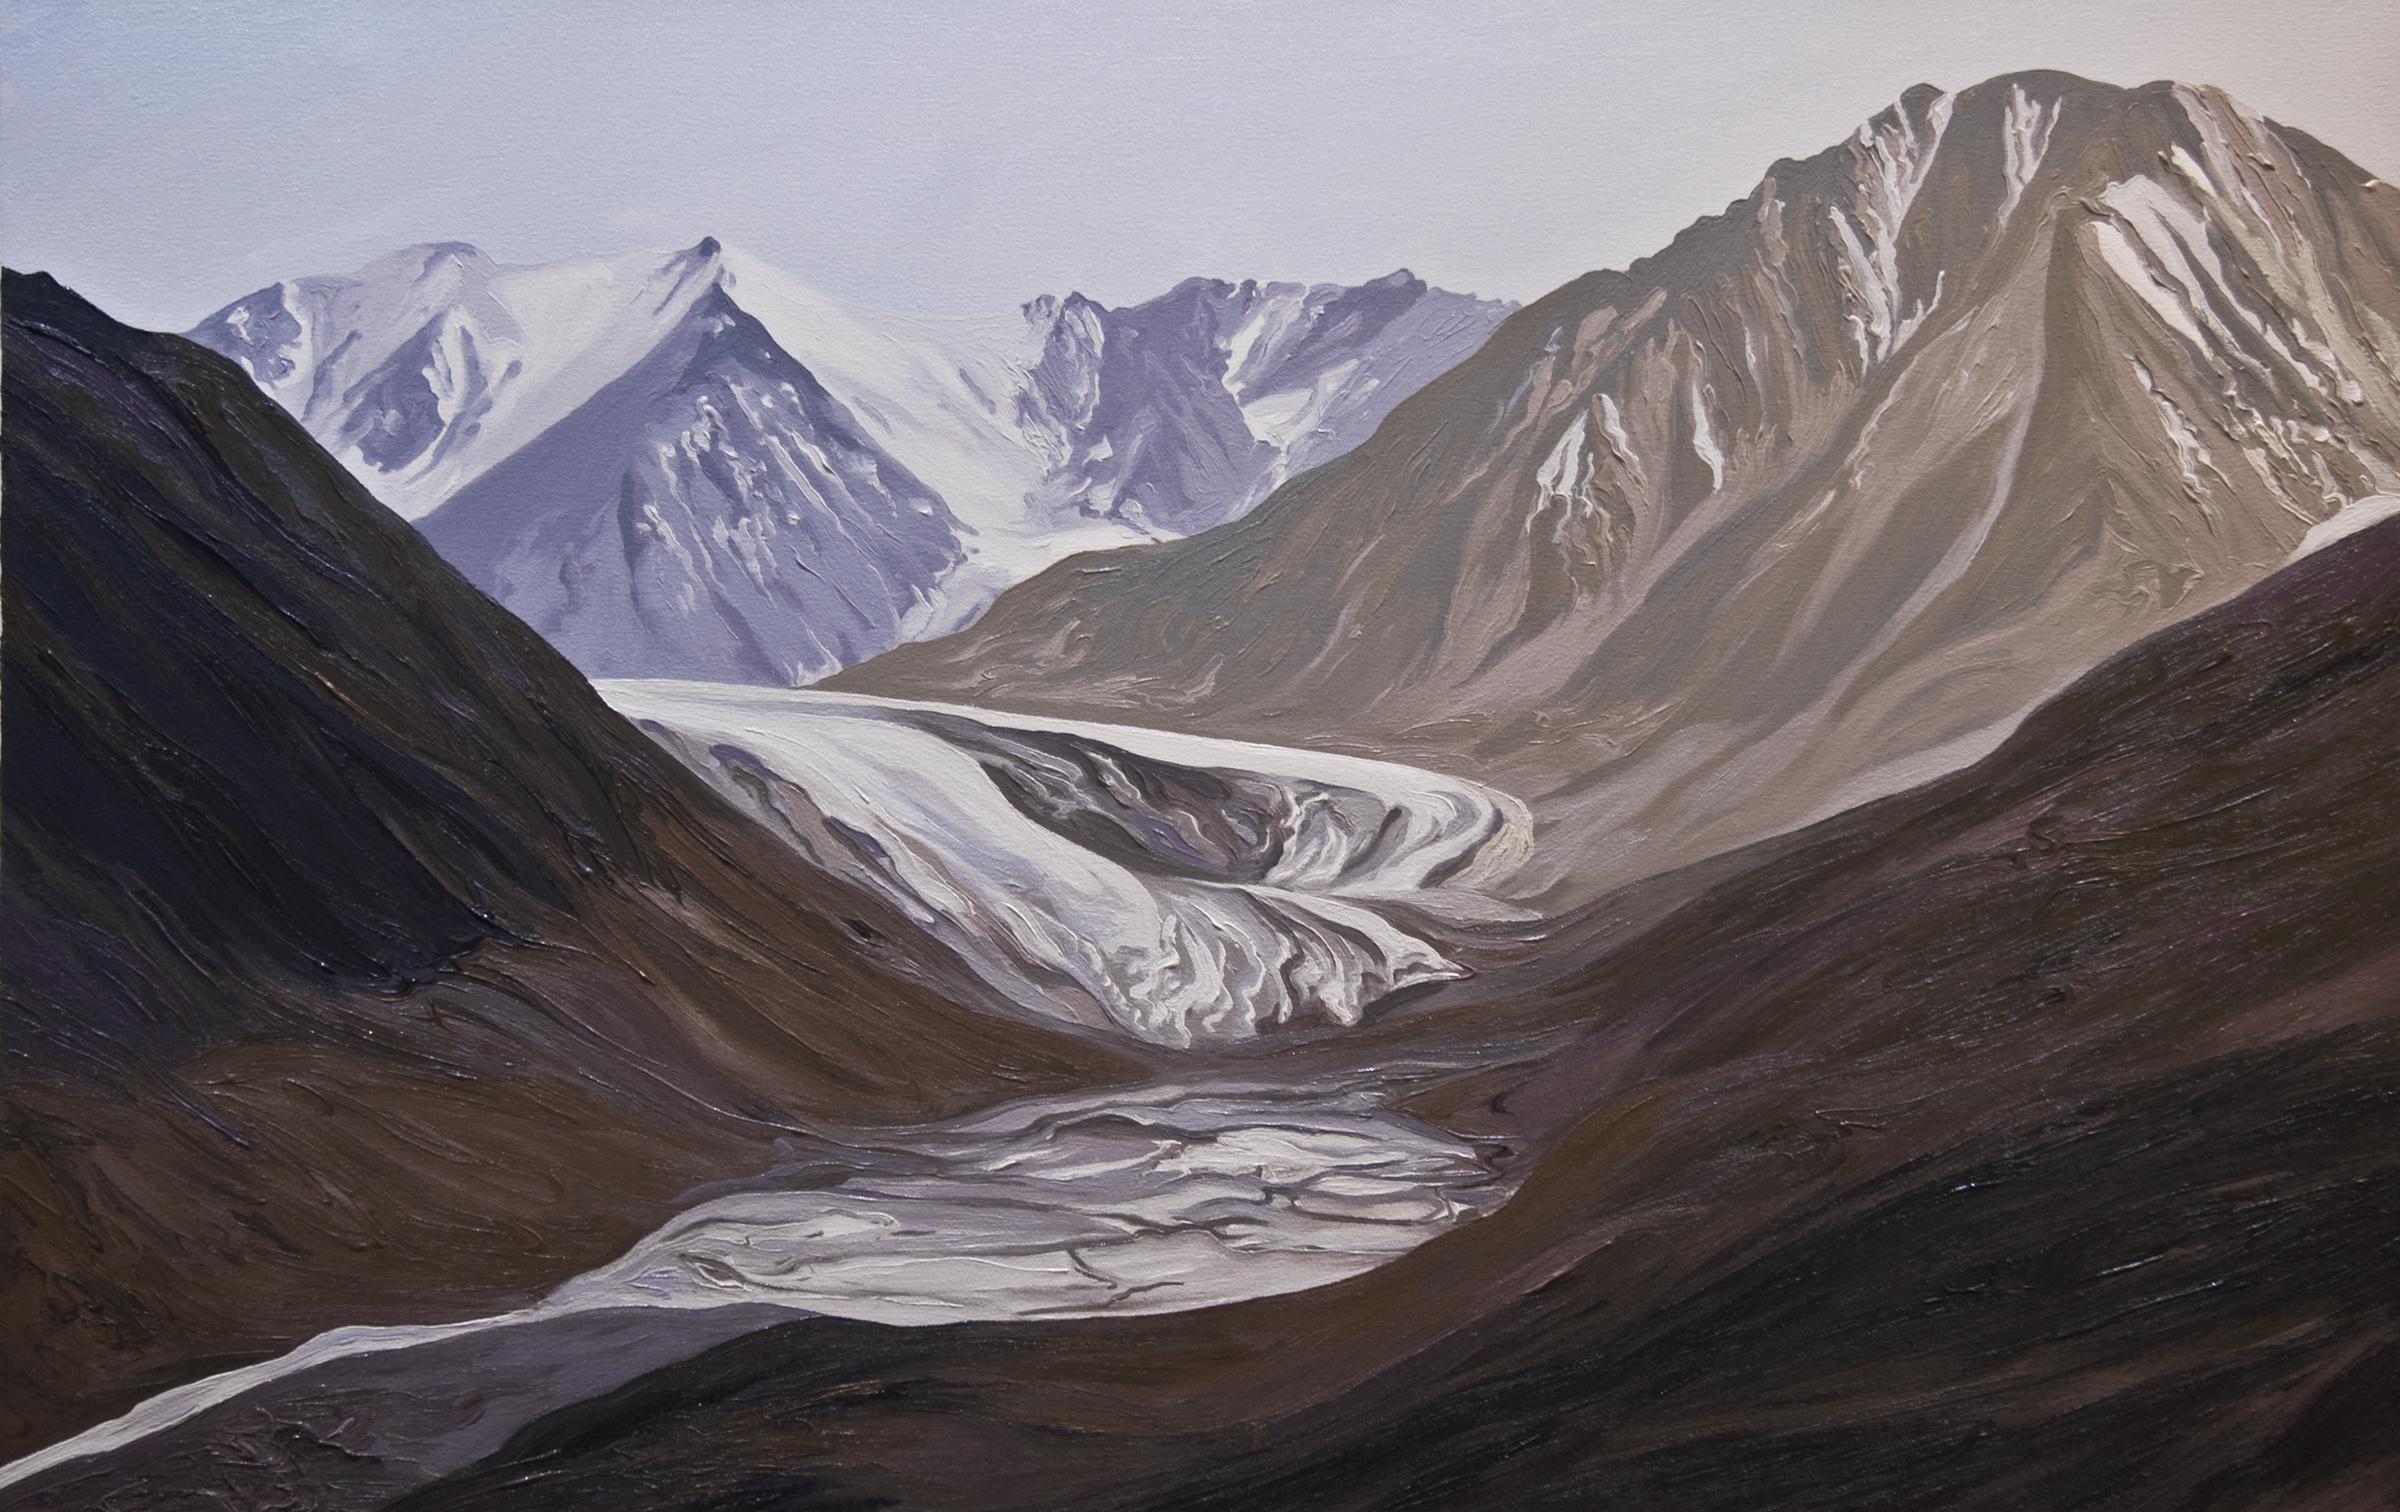 Okpilak Glacier #2, 2004, after Matt Nolan